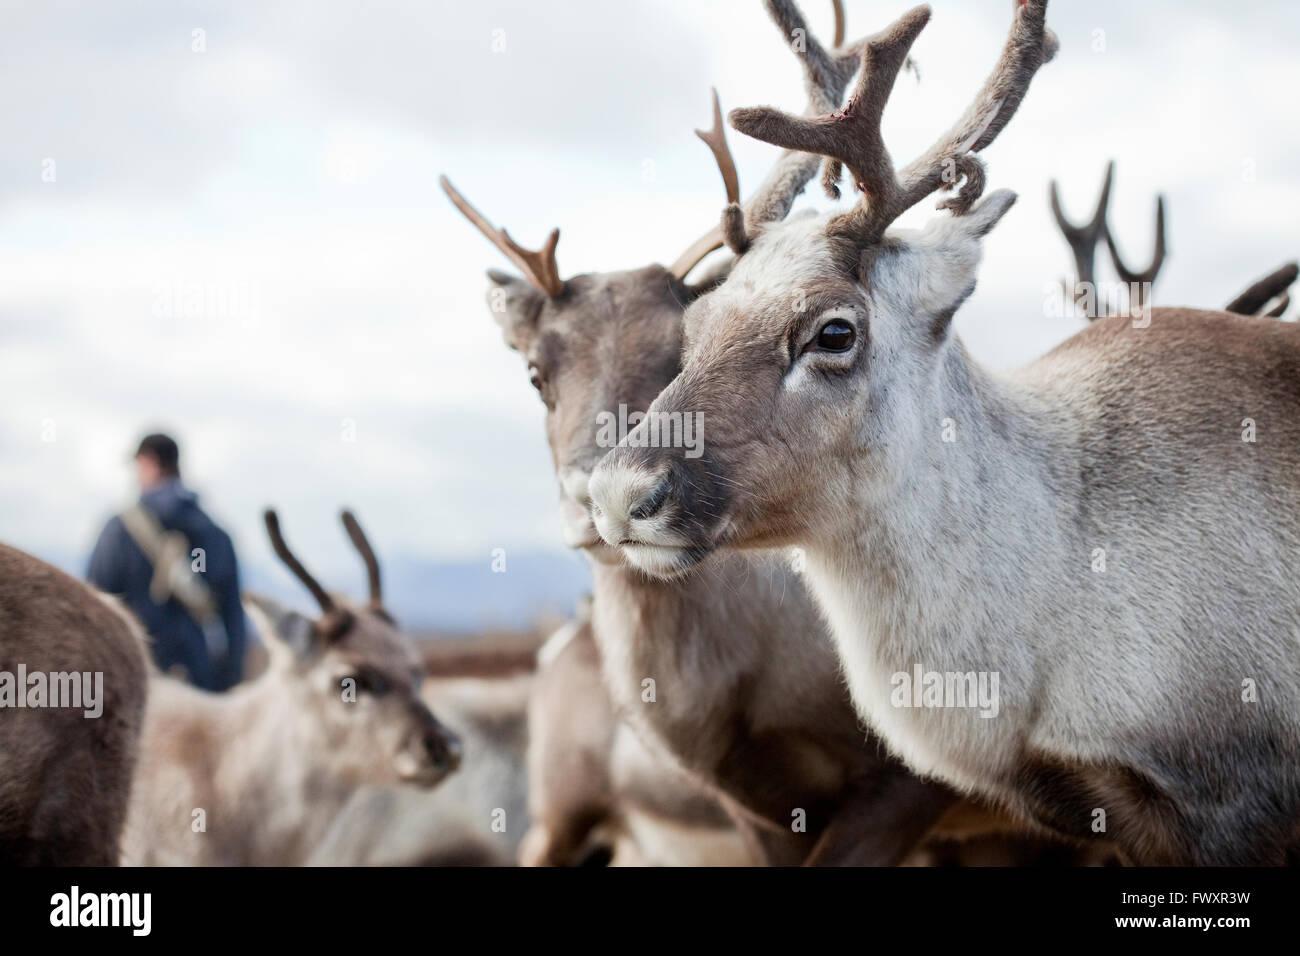 Sweden, Lapland, Levas, Portrait of reindeer (Rangifer tarandus) in herd - Stock Image